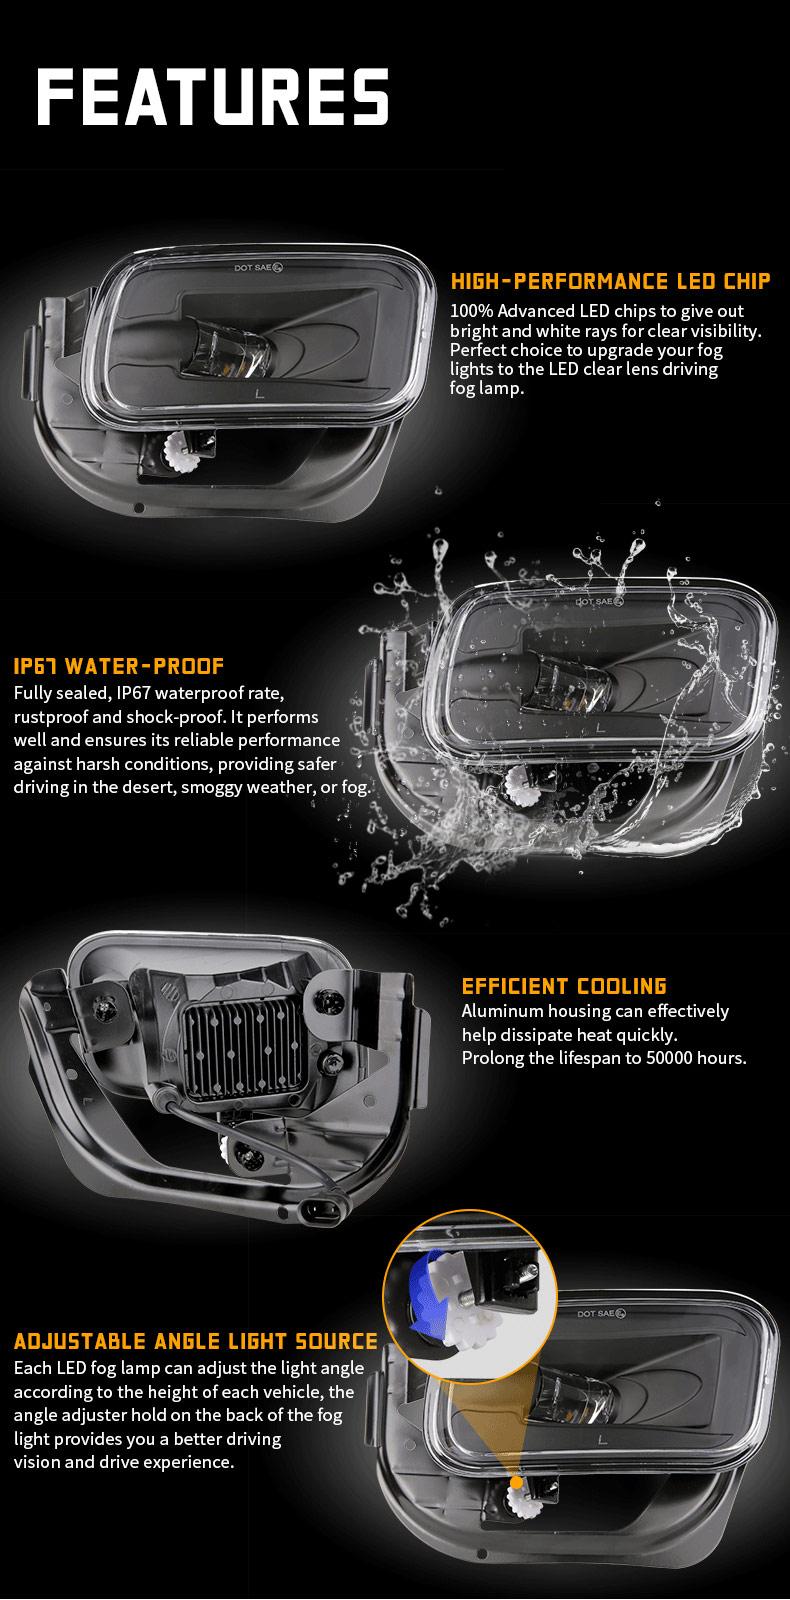 Caractéristiques des phares antibrouillard Dodge Ram 1500 2500 3500 LED